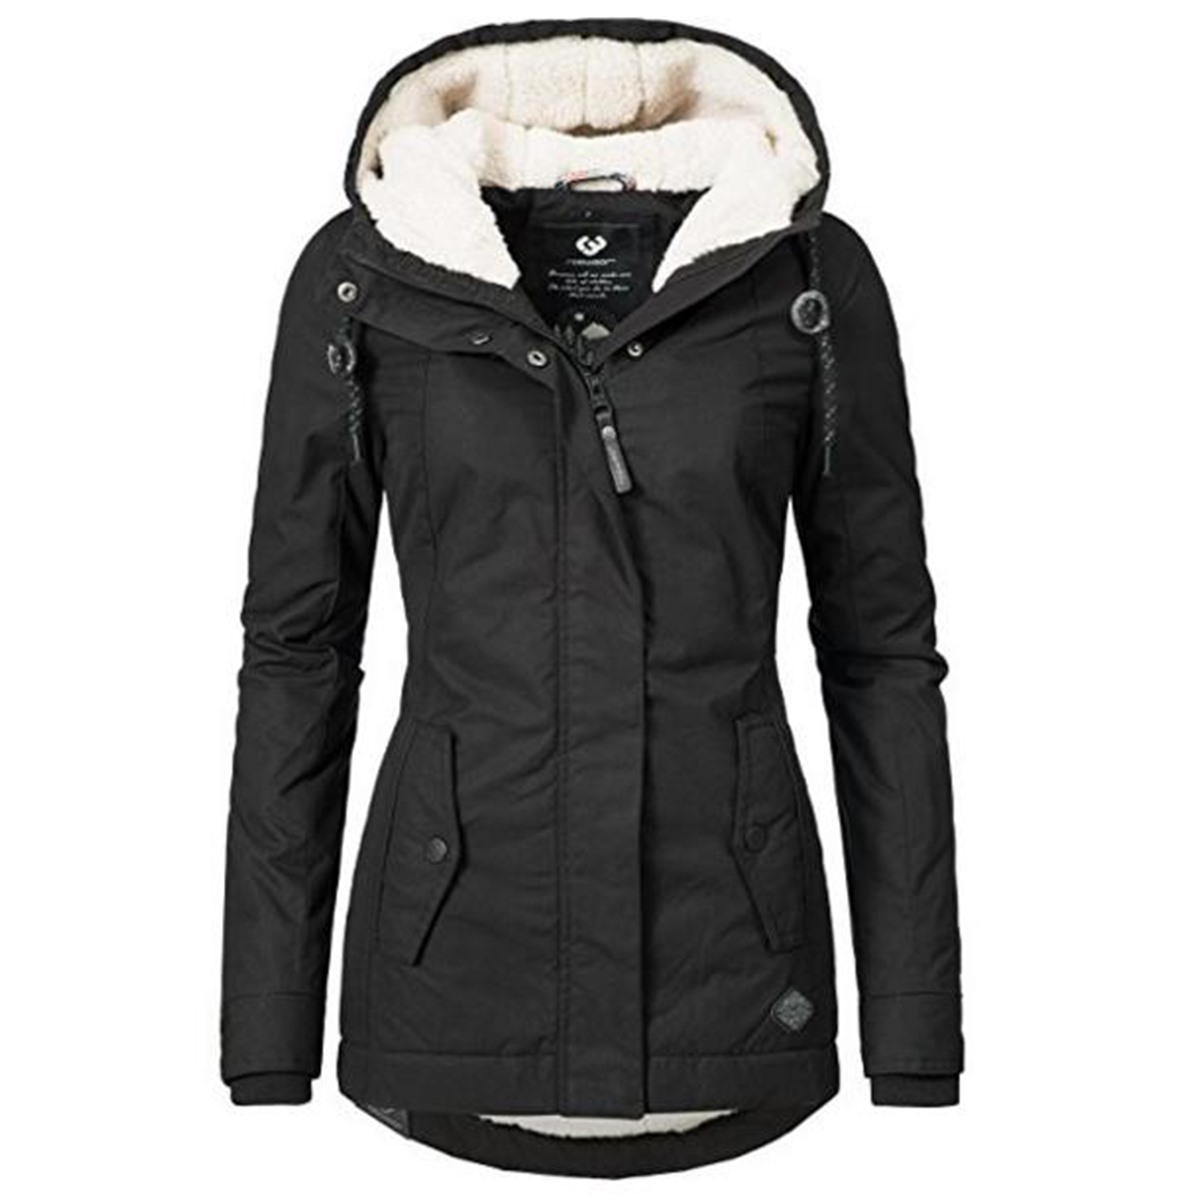 Schwarz Baumwolle Mäntel Frauen Casual Jacke Mantel Mode Einfache High Street Schlanke Winter Warm Verdicken Grundlegende Tops Weibliche plus größe arbeit